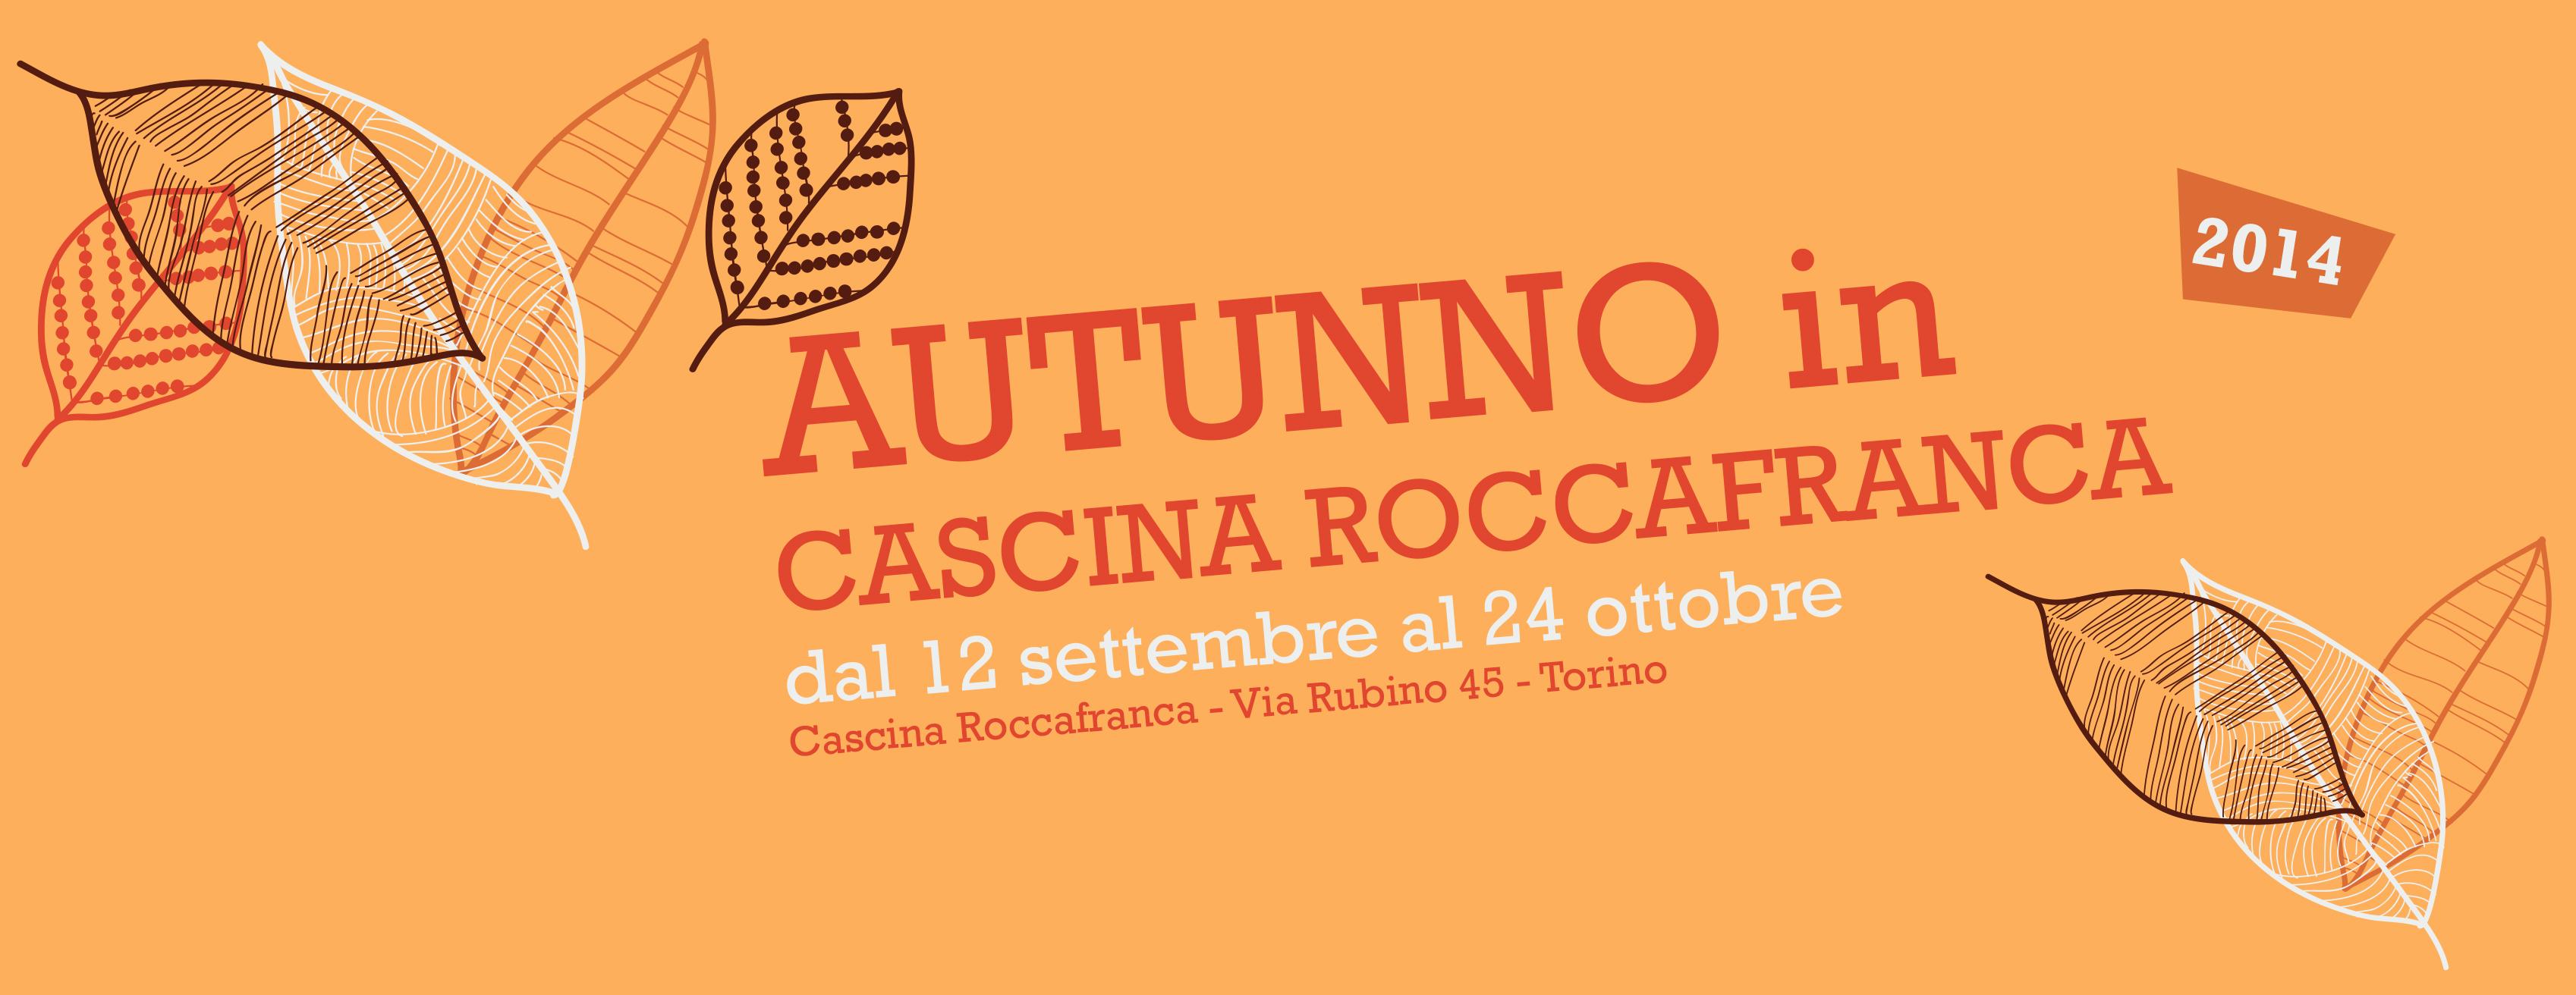 Autunno in Cascina Roccafranca